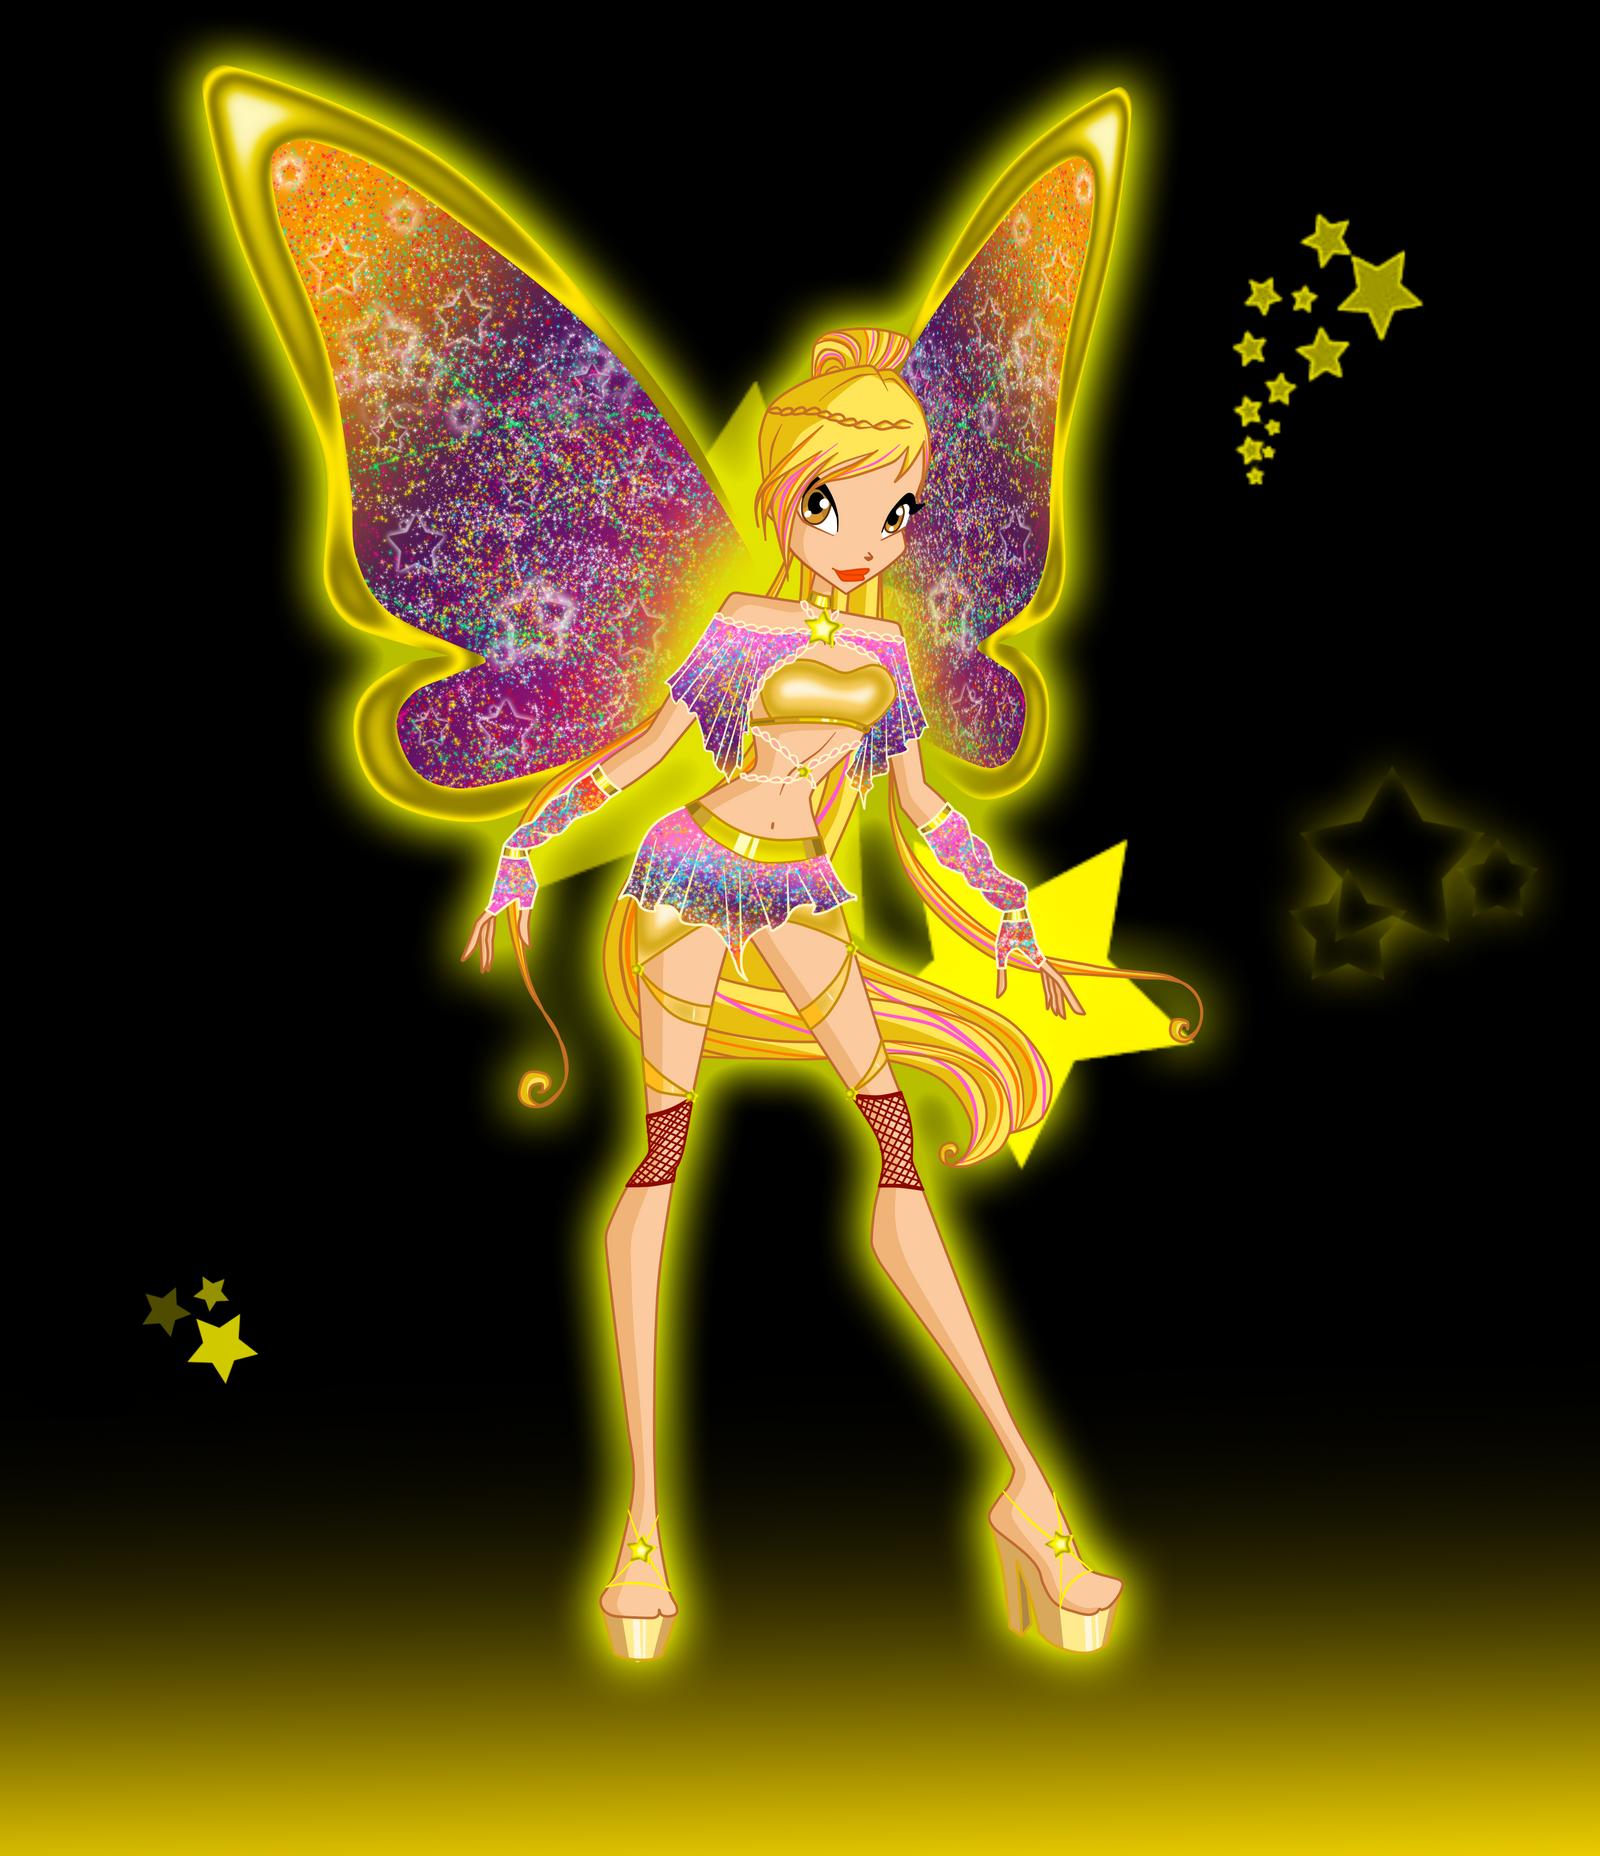 Stella Ultimatix by AstralBlu on DeviantArt